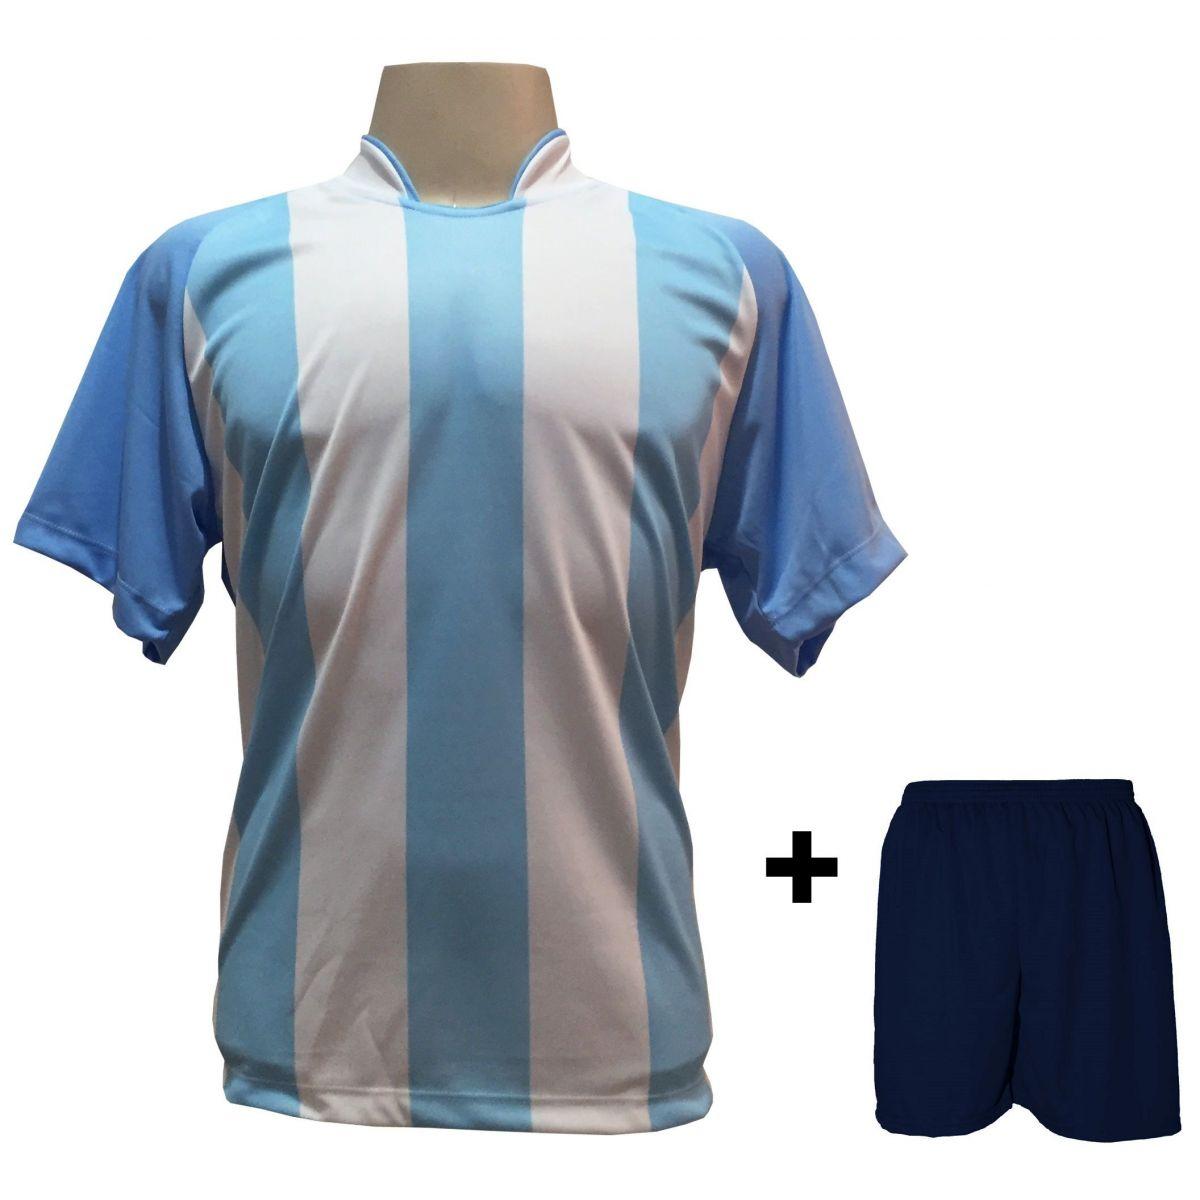 31825d1bdc Uniforme Esportivo com 18 camisas modelo Milan Celeste Branco + 18 calções  modelo Madrid Marinho + Brindes